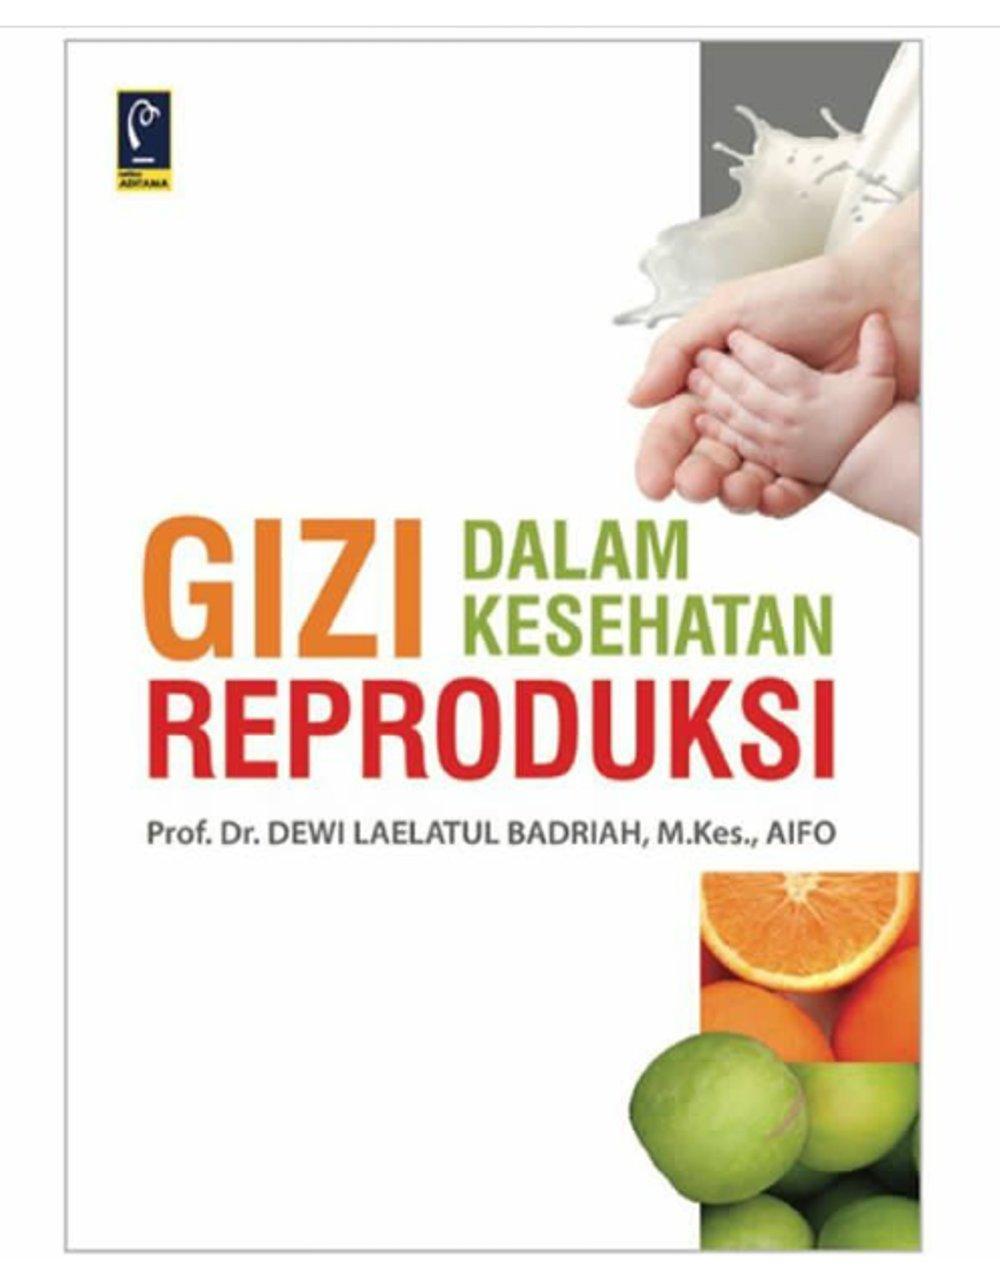 Buku Gizi dalam Kesehatan Reproduksi - Dewi Laelatul Badriah